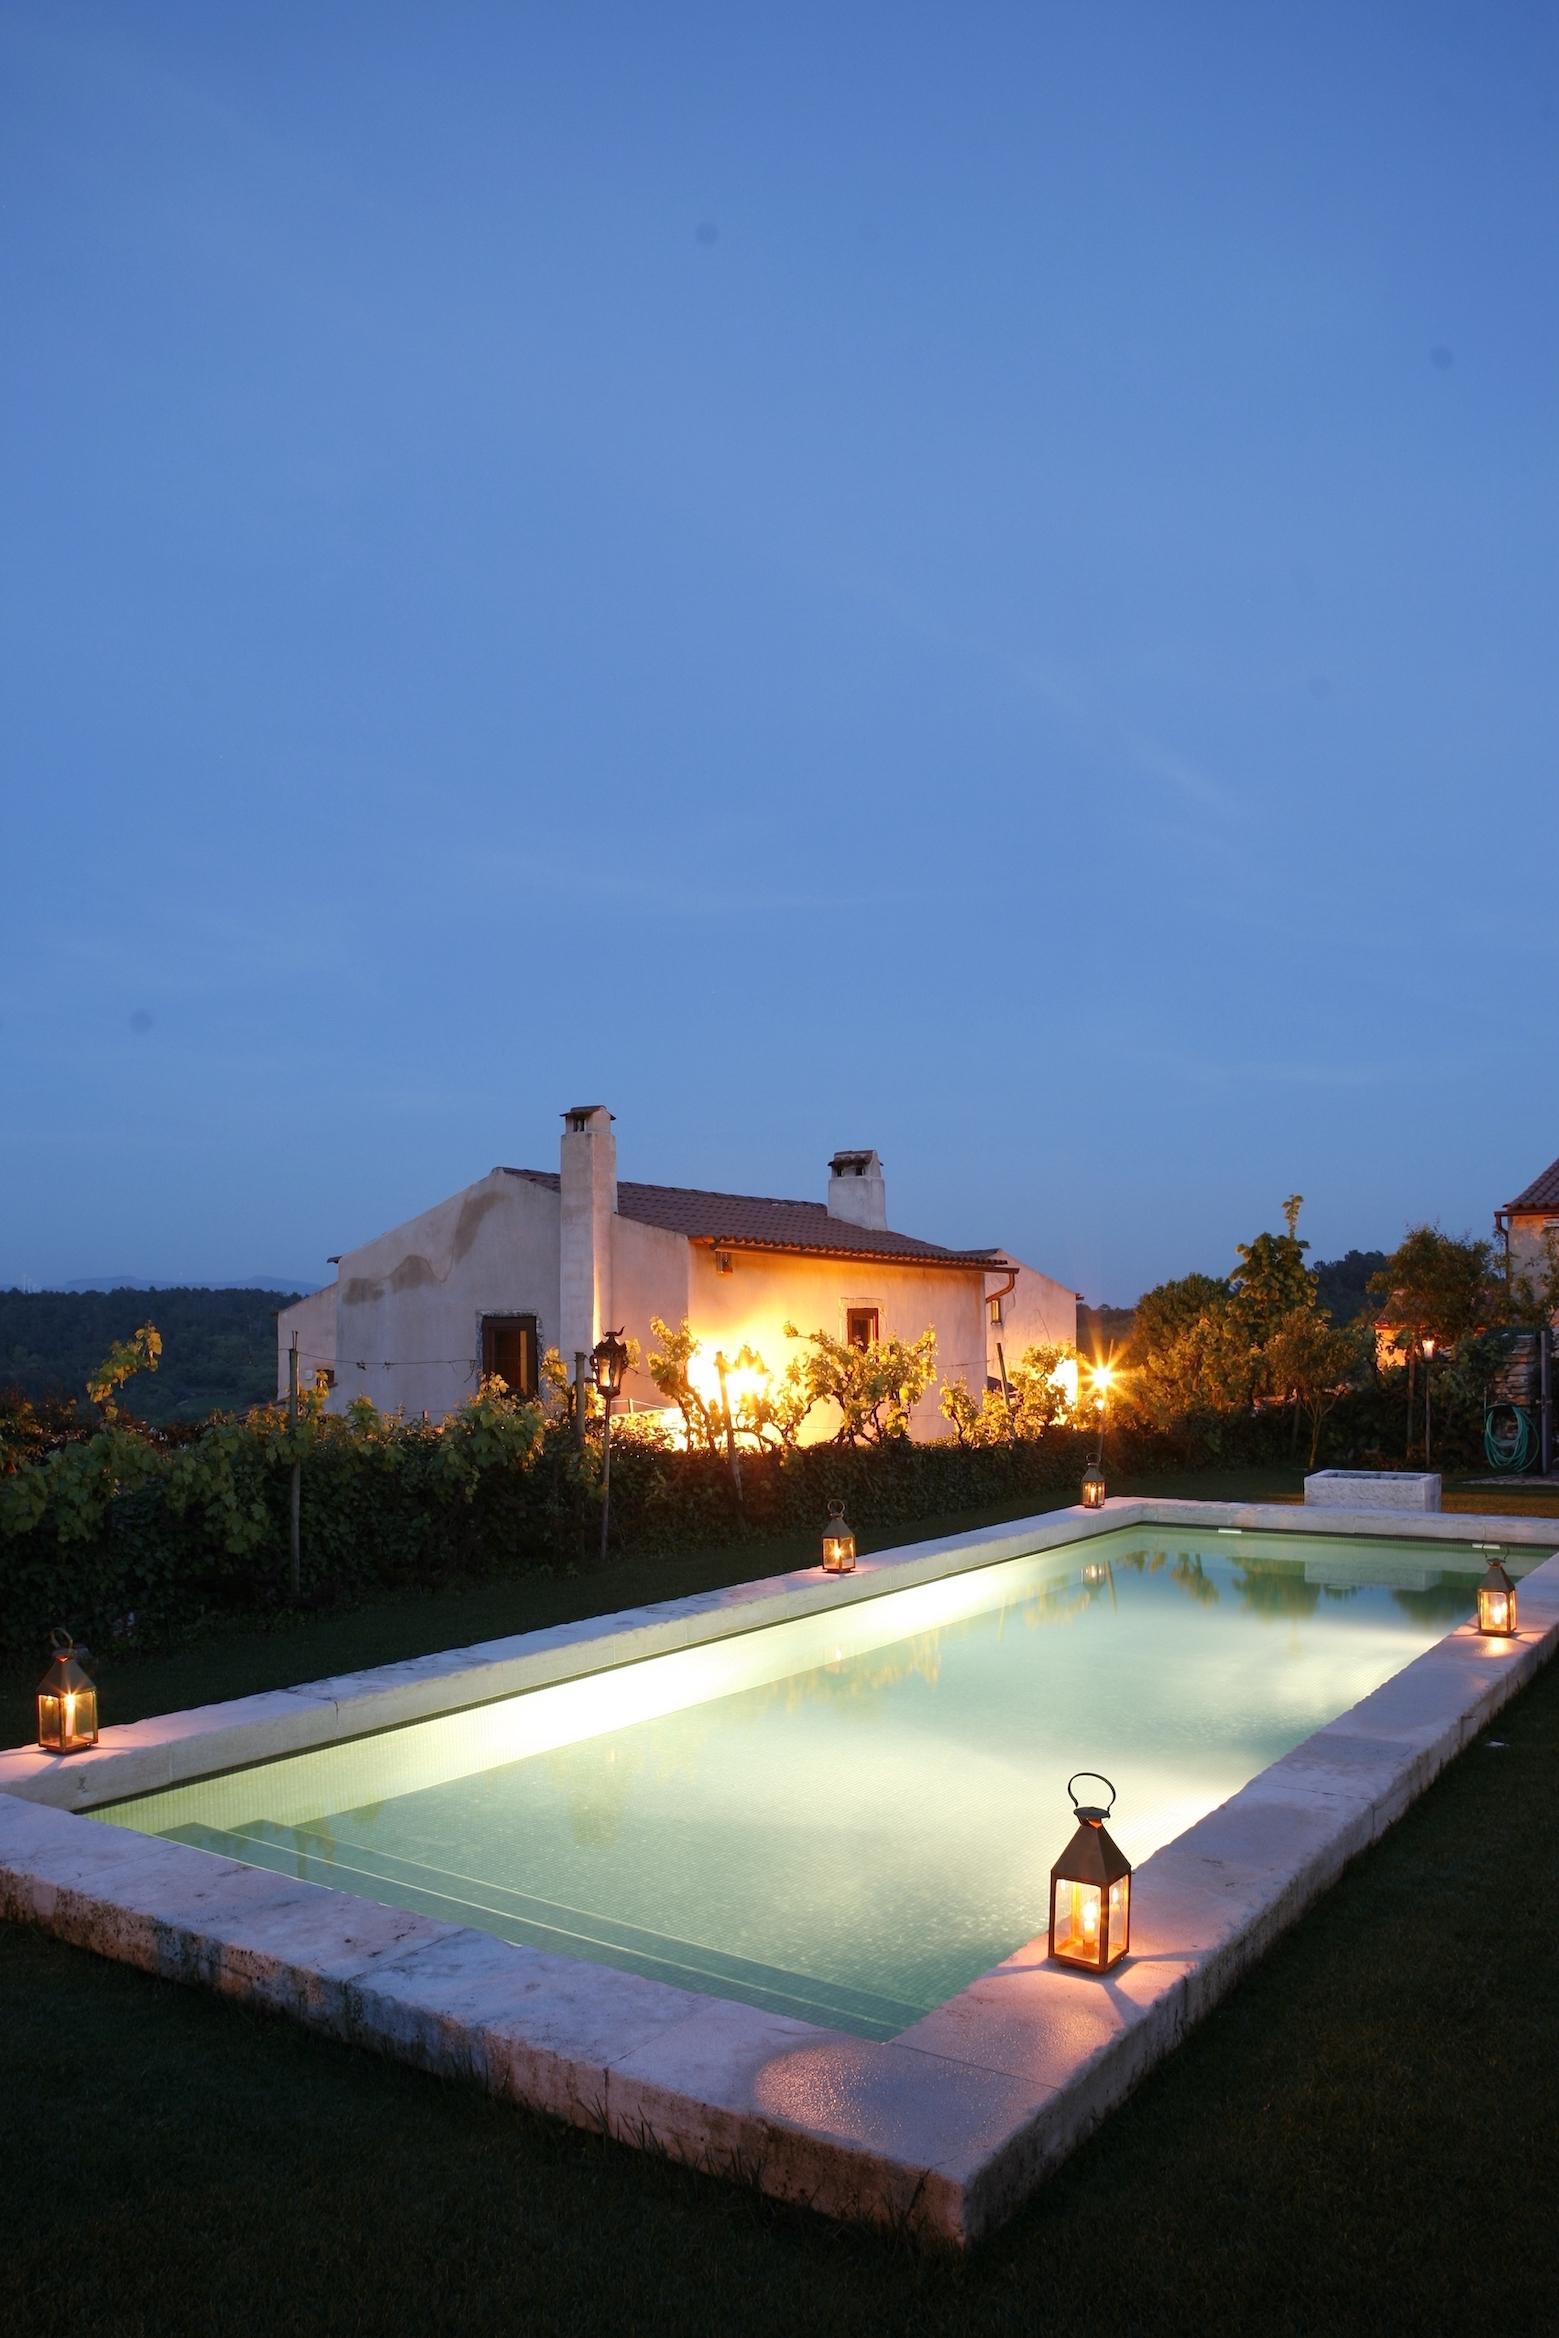 Piscina iluminada, à noite / Carlos Cezanne